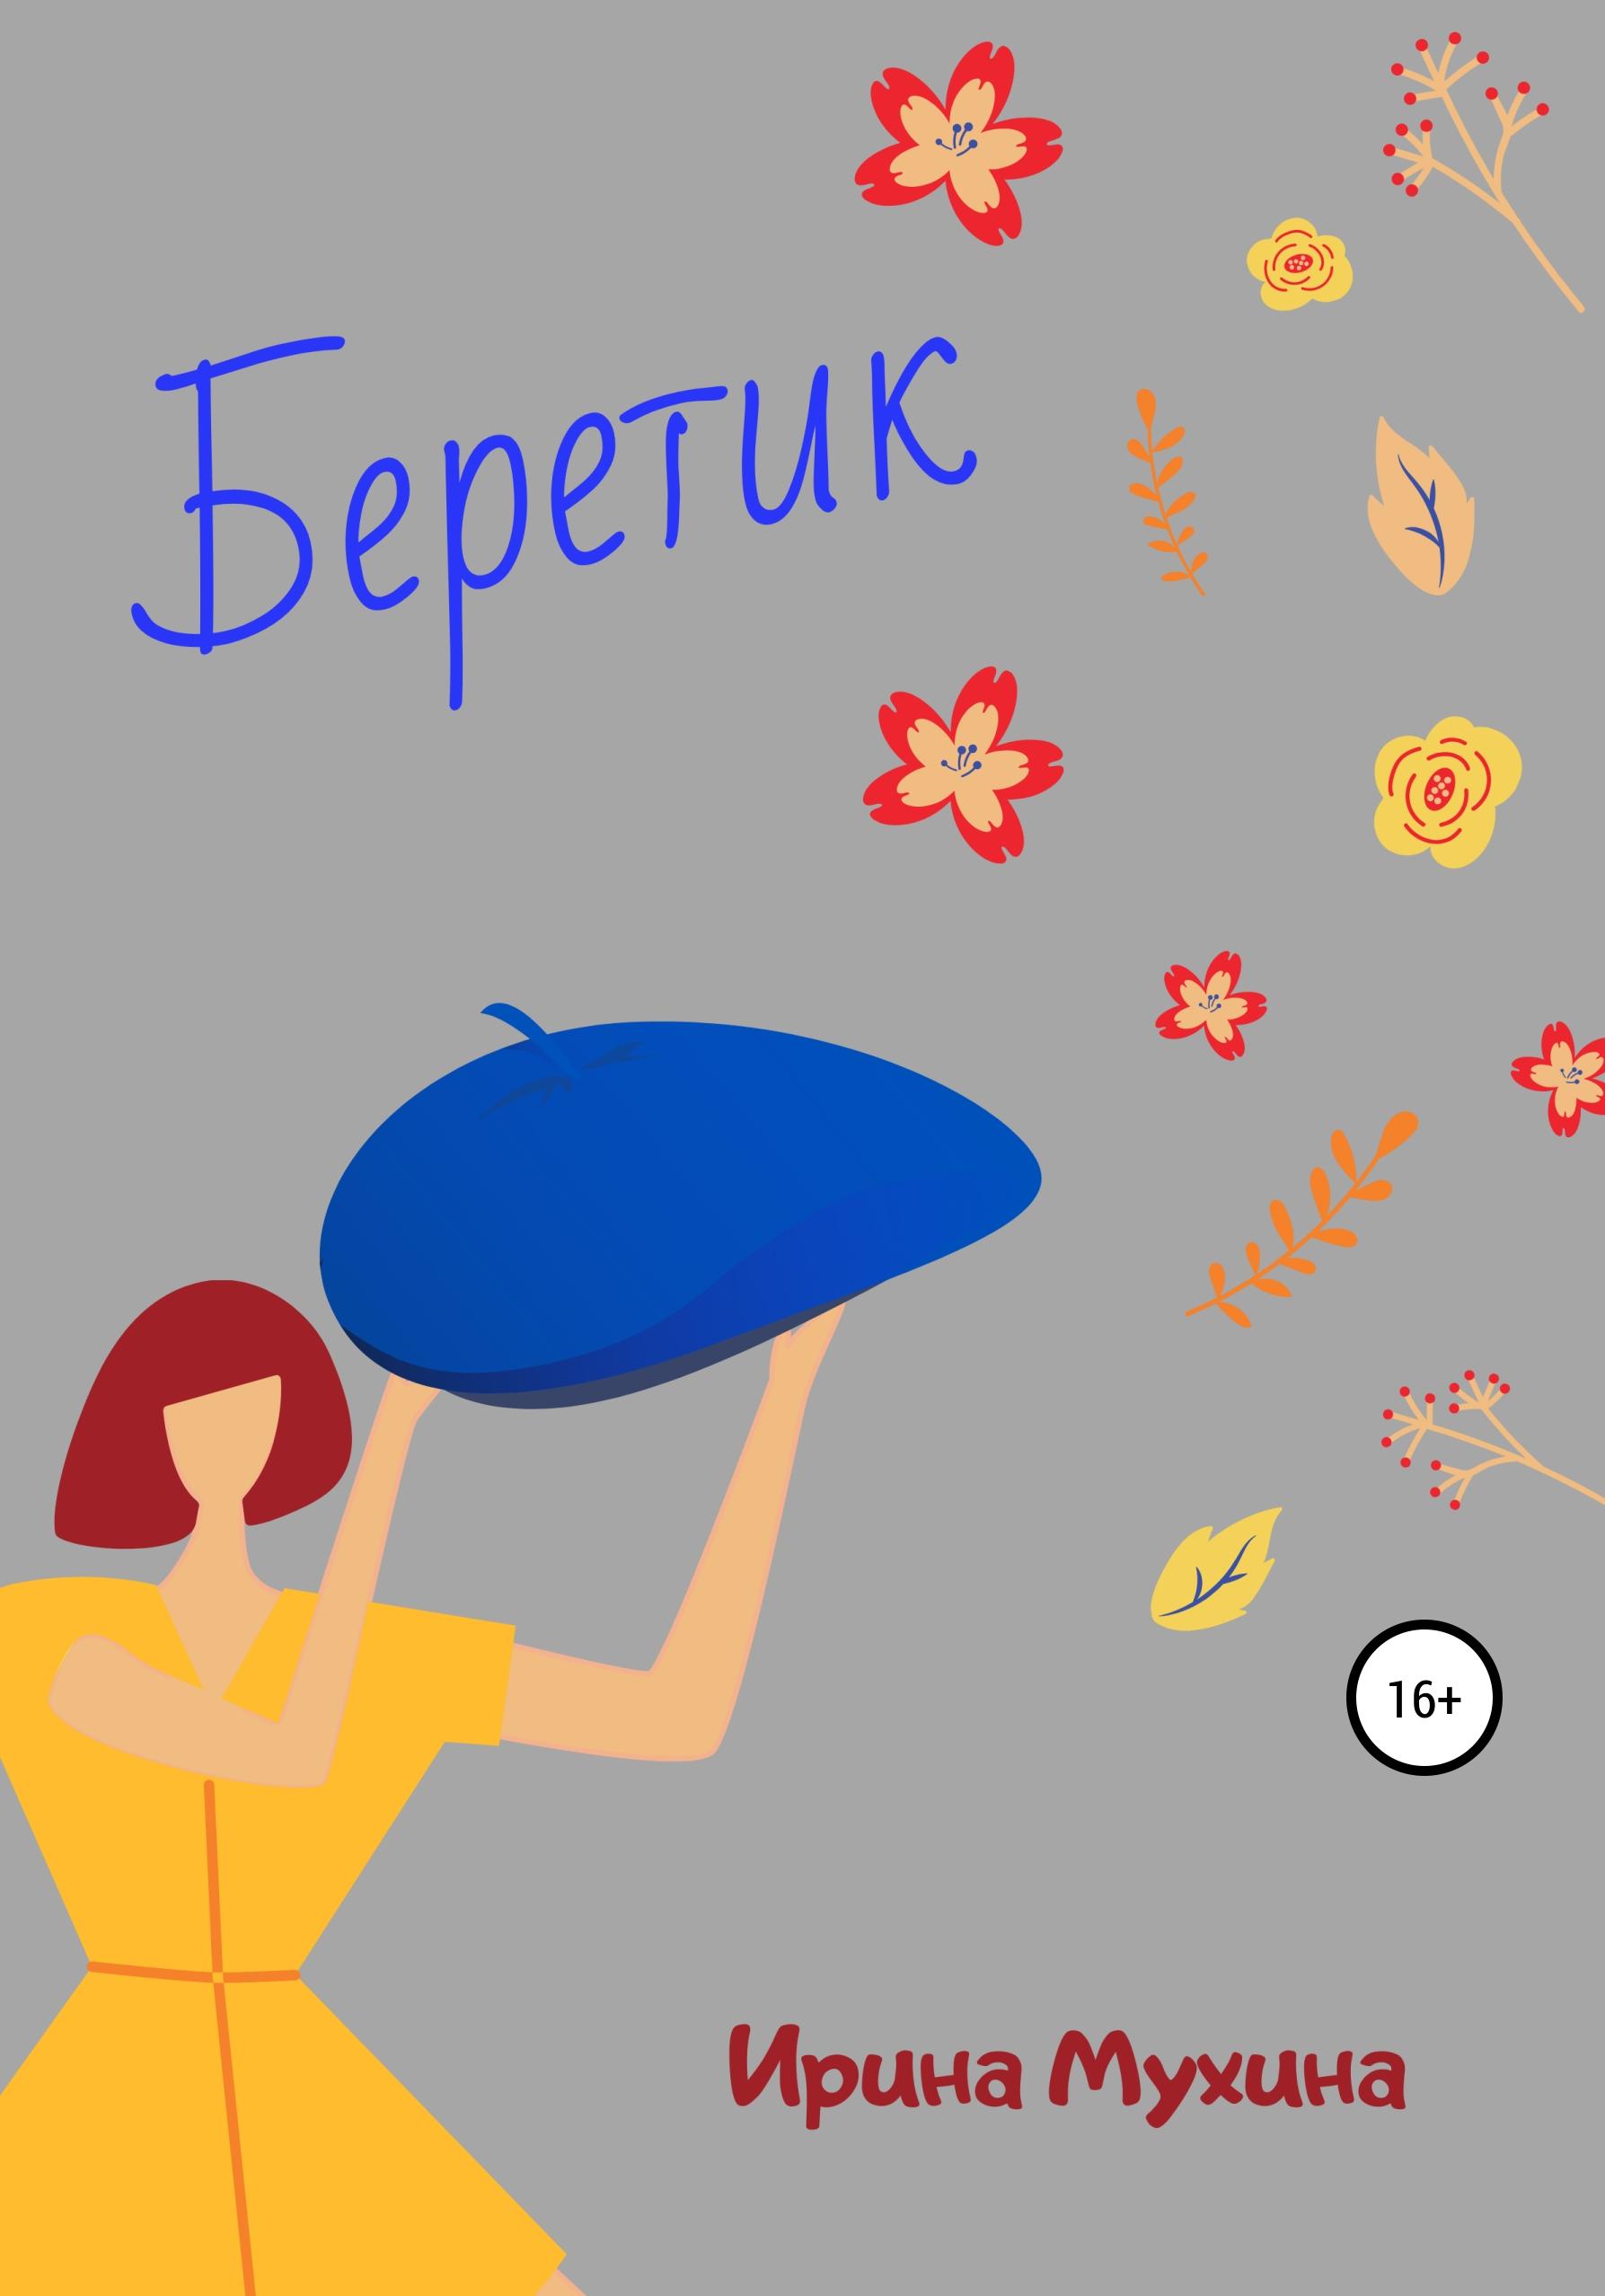 Беретик